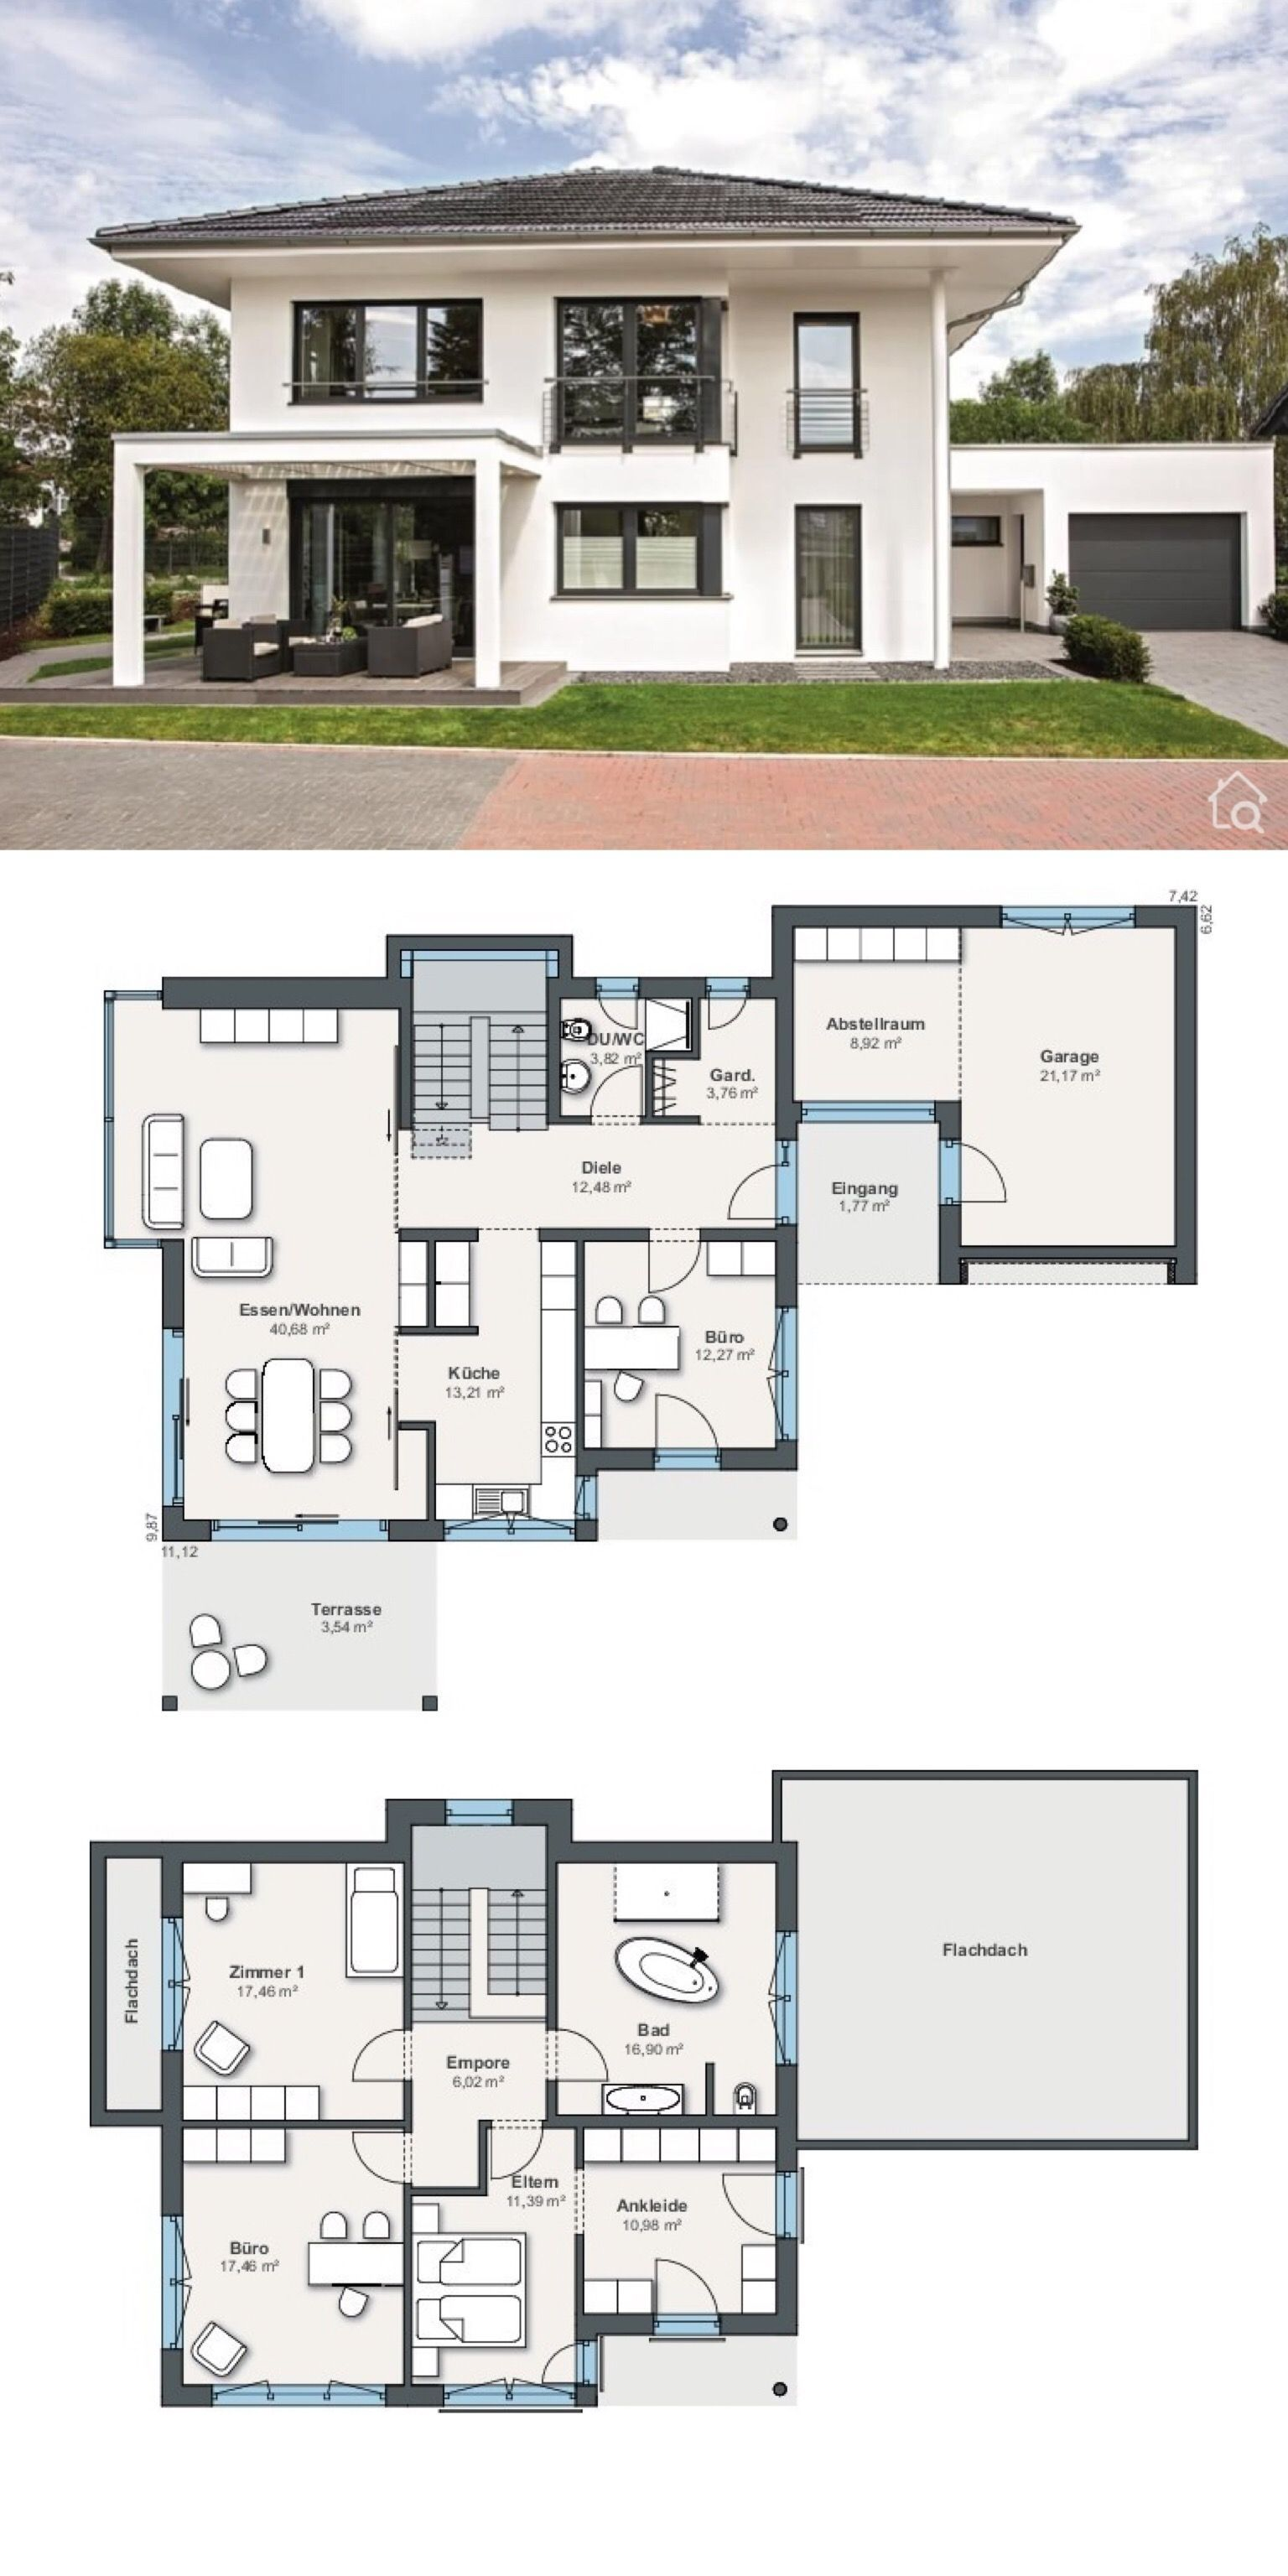 Moderne Stadtvilla mit Garage & Walmdach Architektur, 5